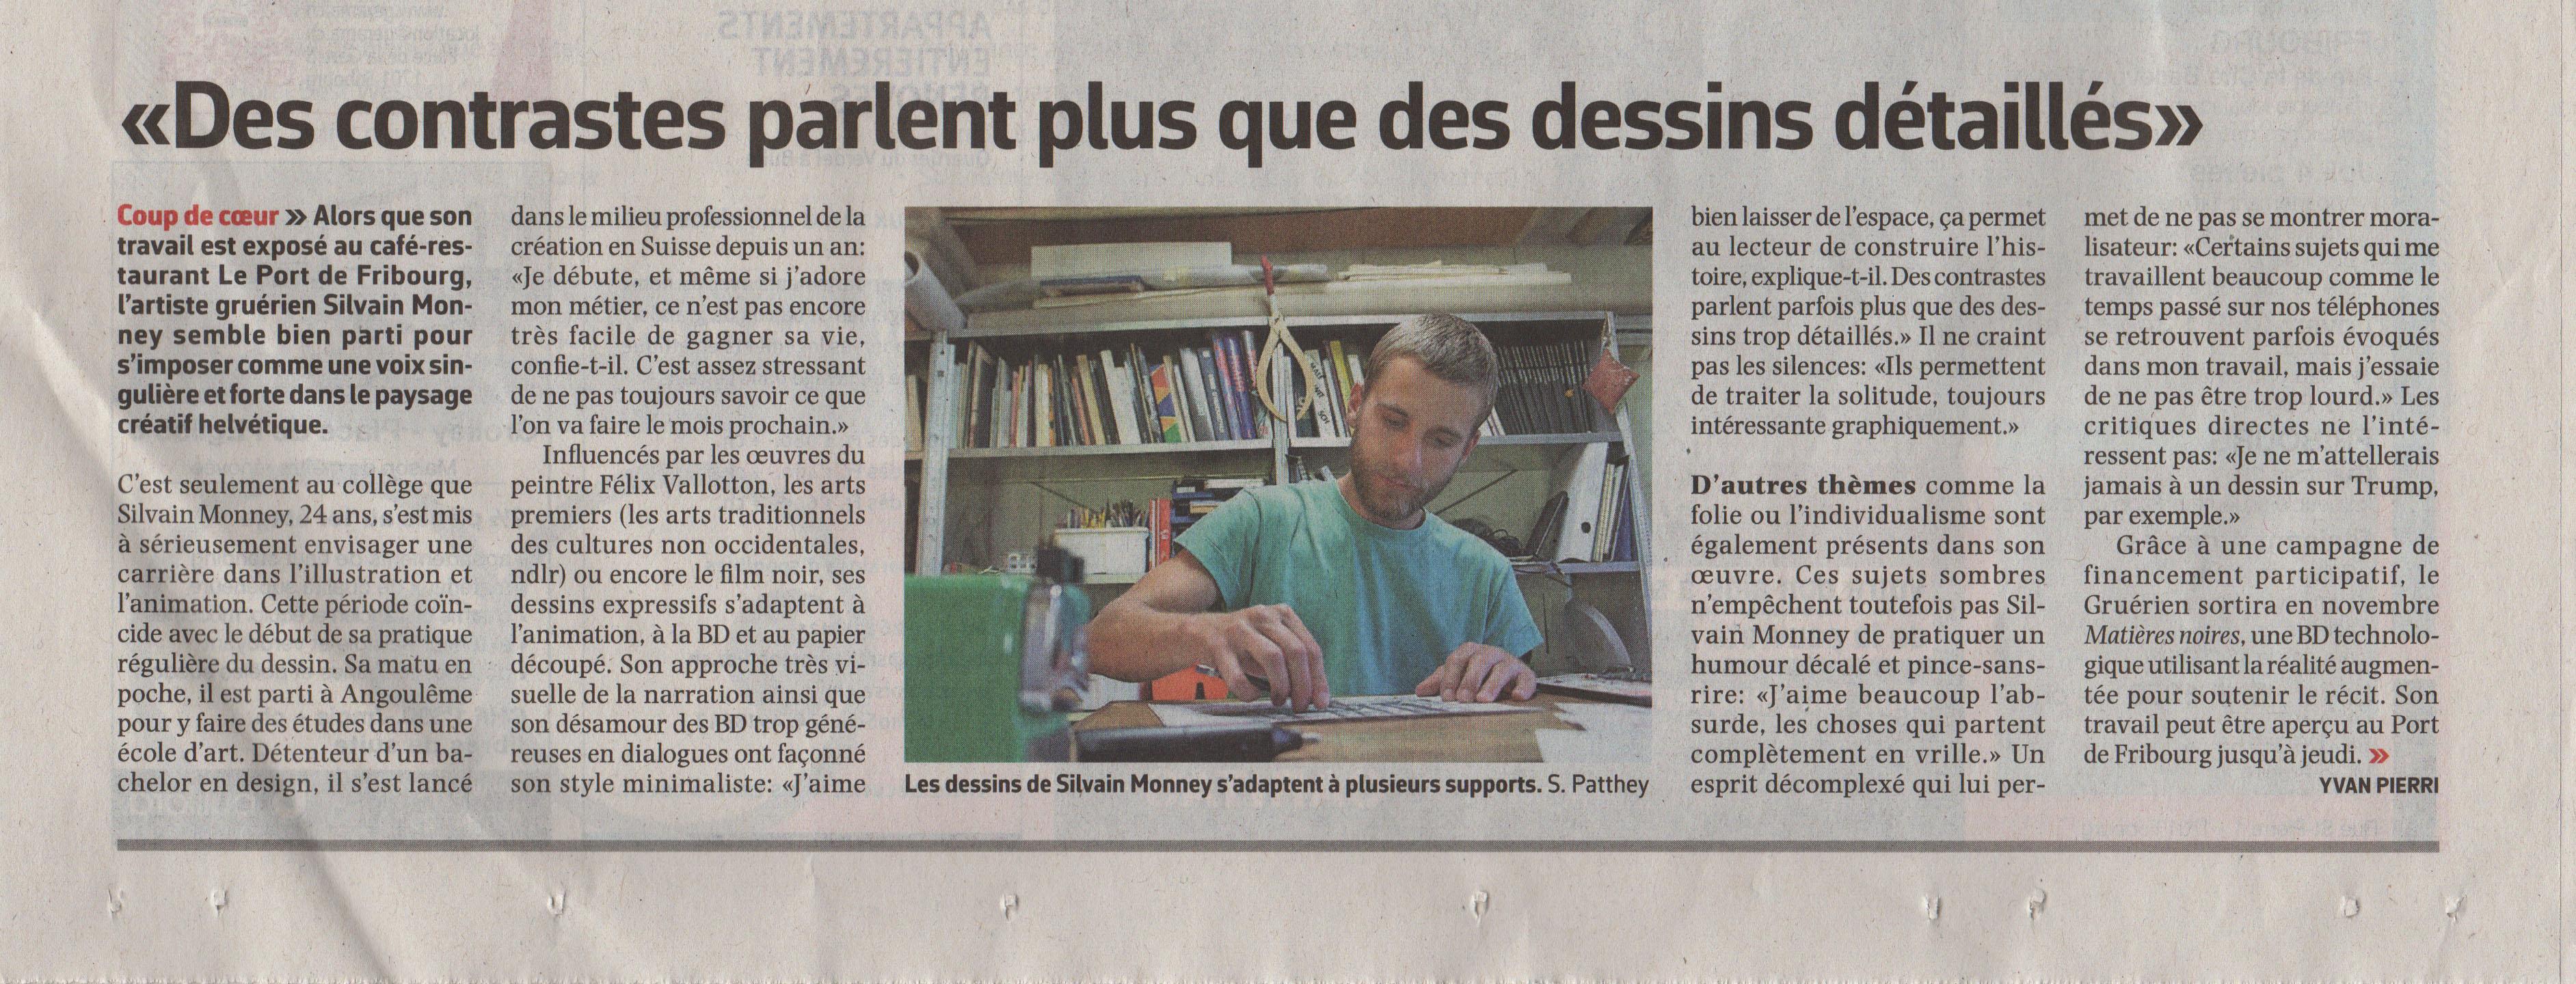 La Liberté - Page Jeunes